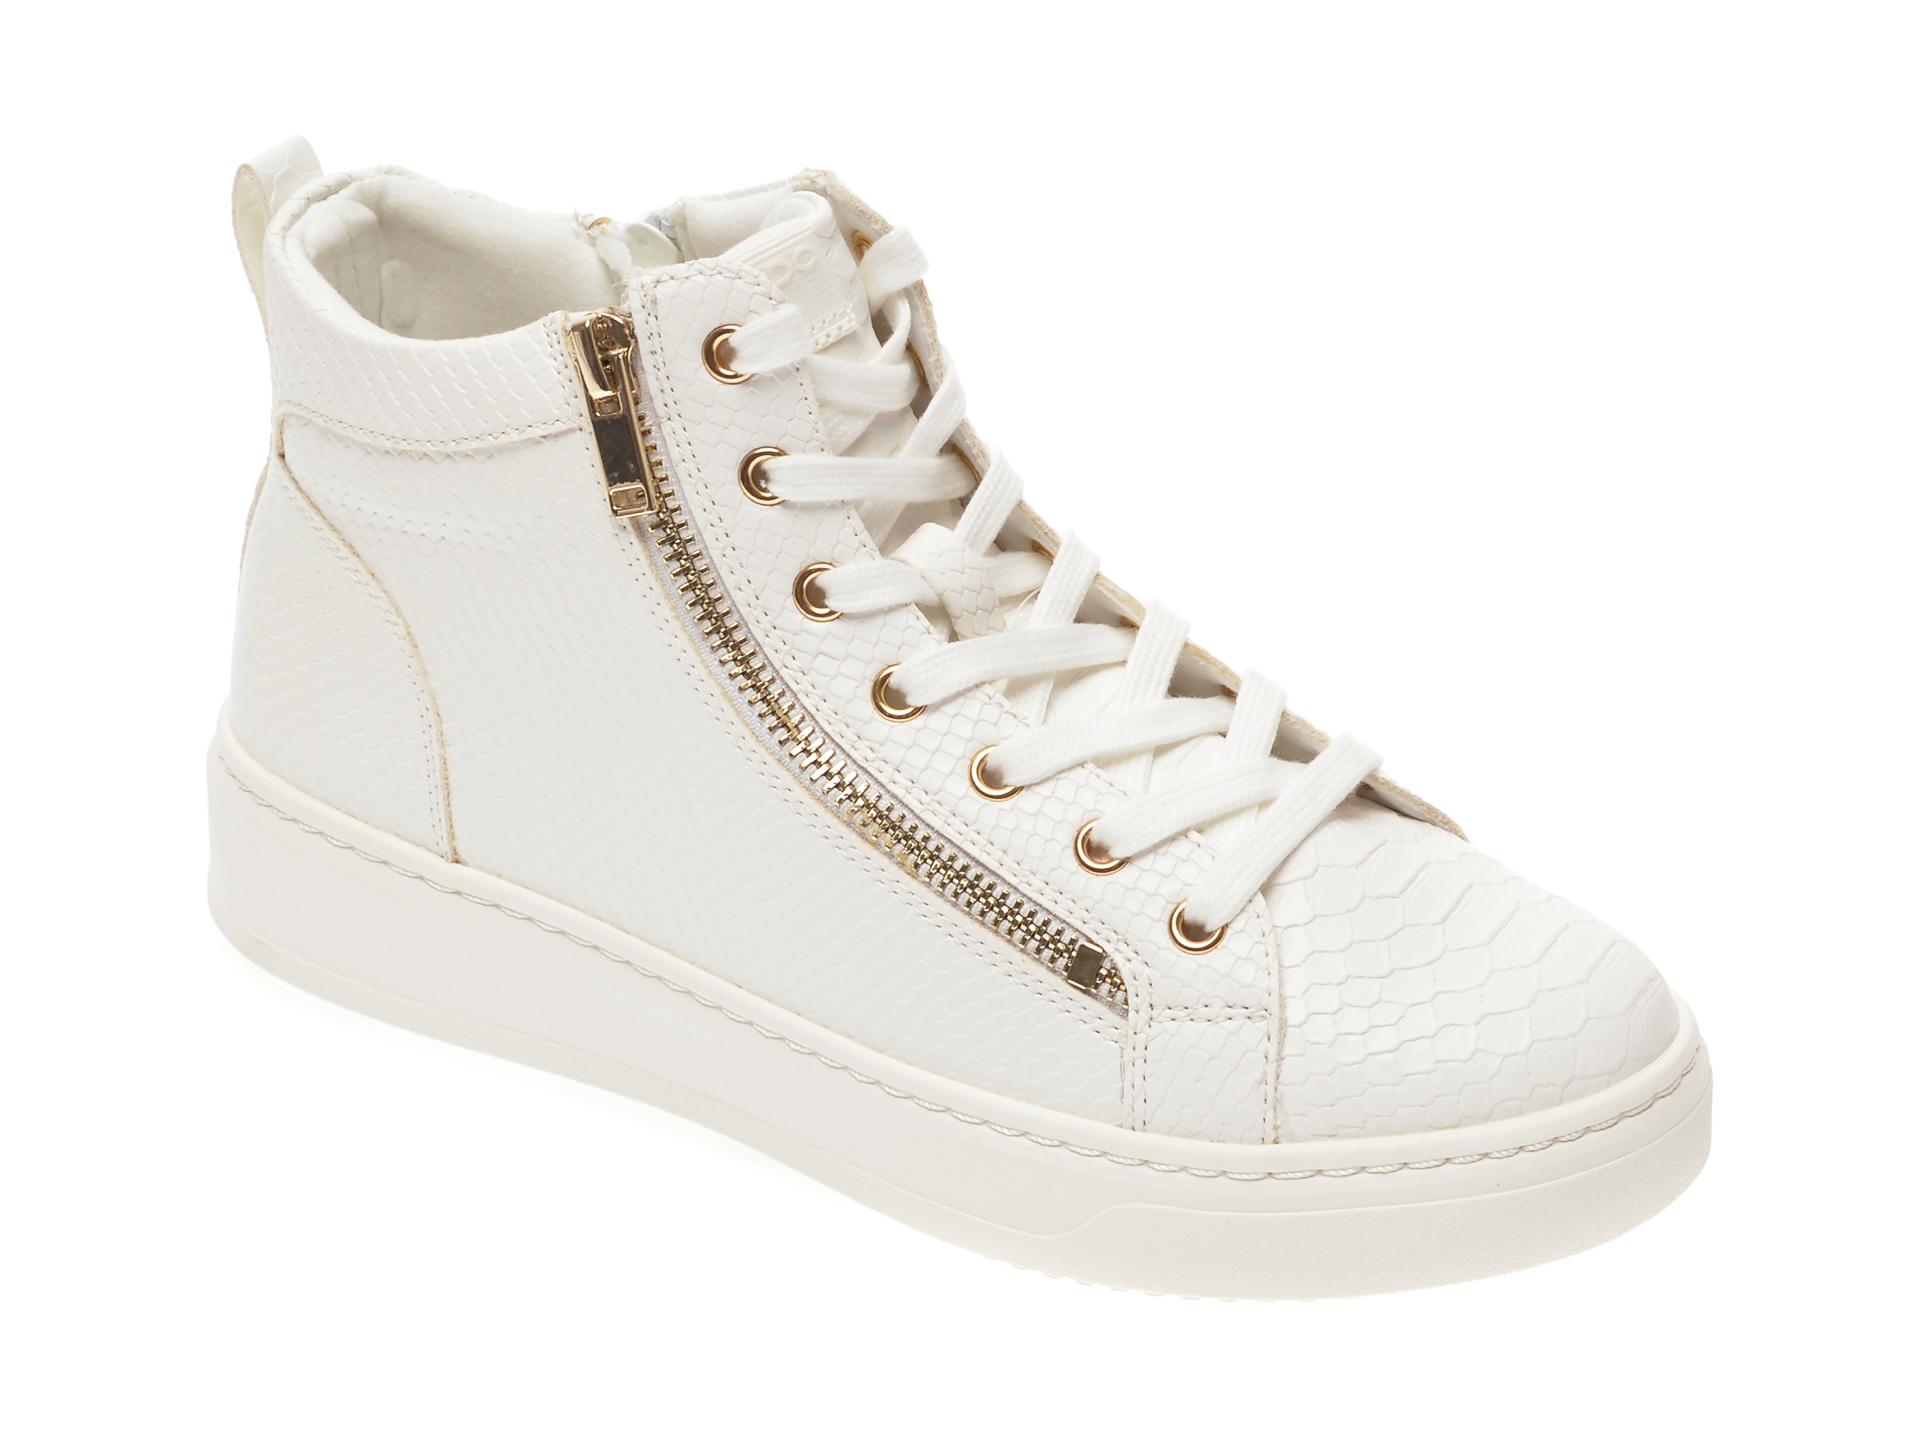 Pantofi sport ALDO albi, Harleigh100, din piele ecologica imagine